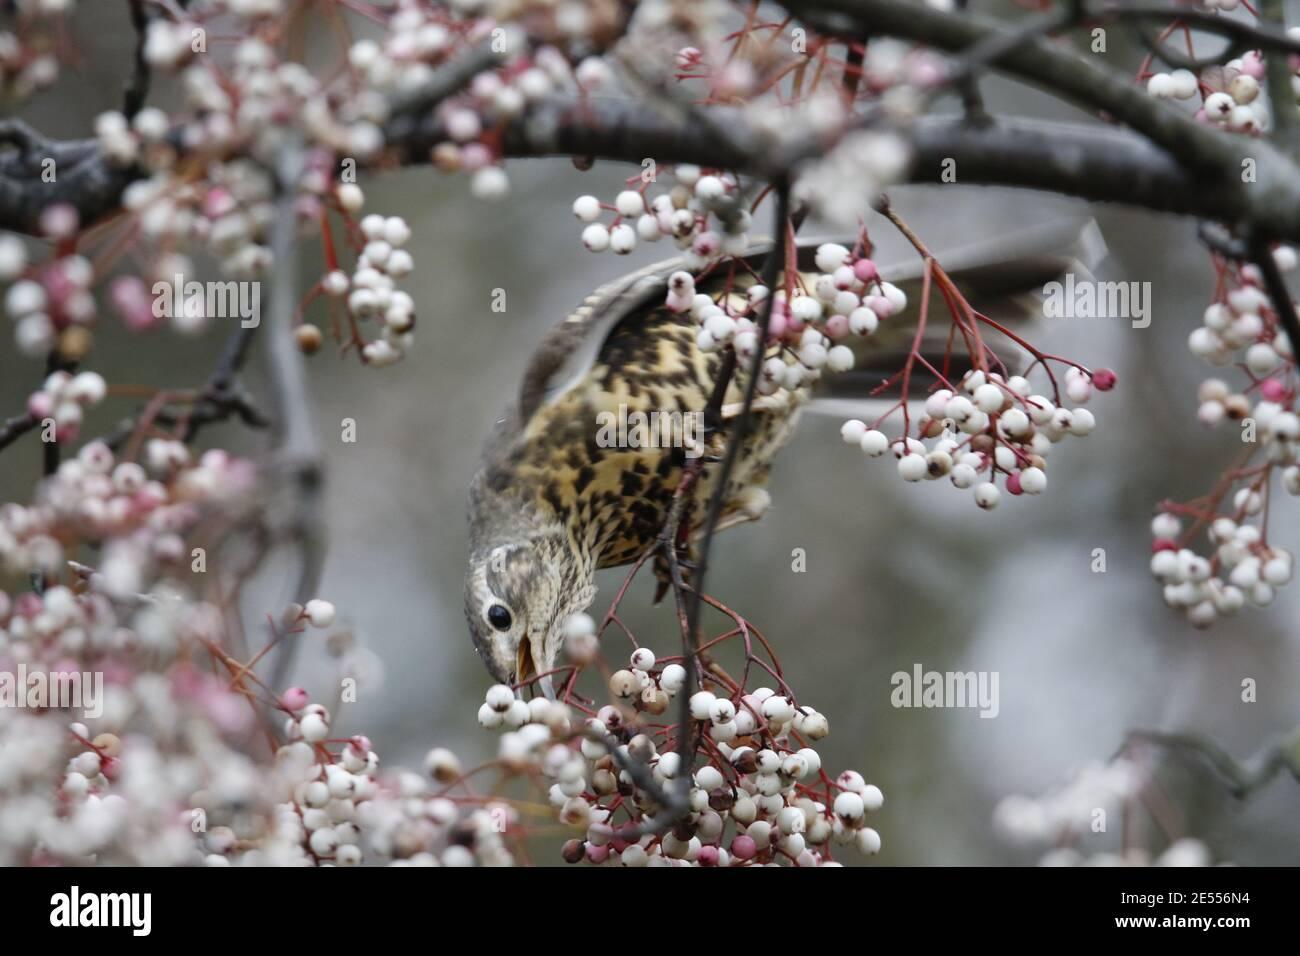 Mistle thrush che si nutre di frutti di bosco invernali Foto Stock